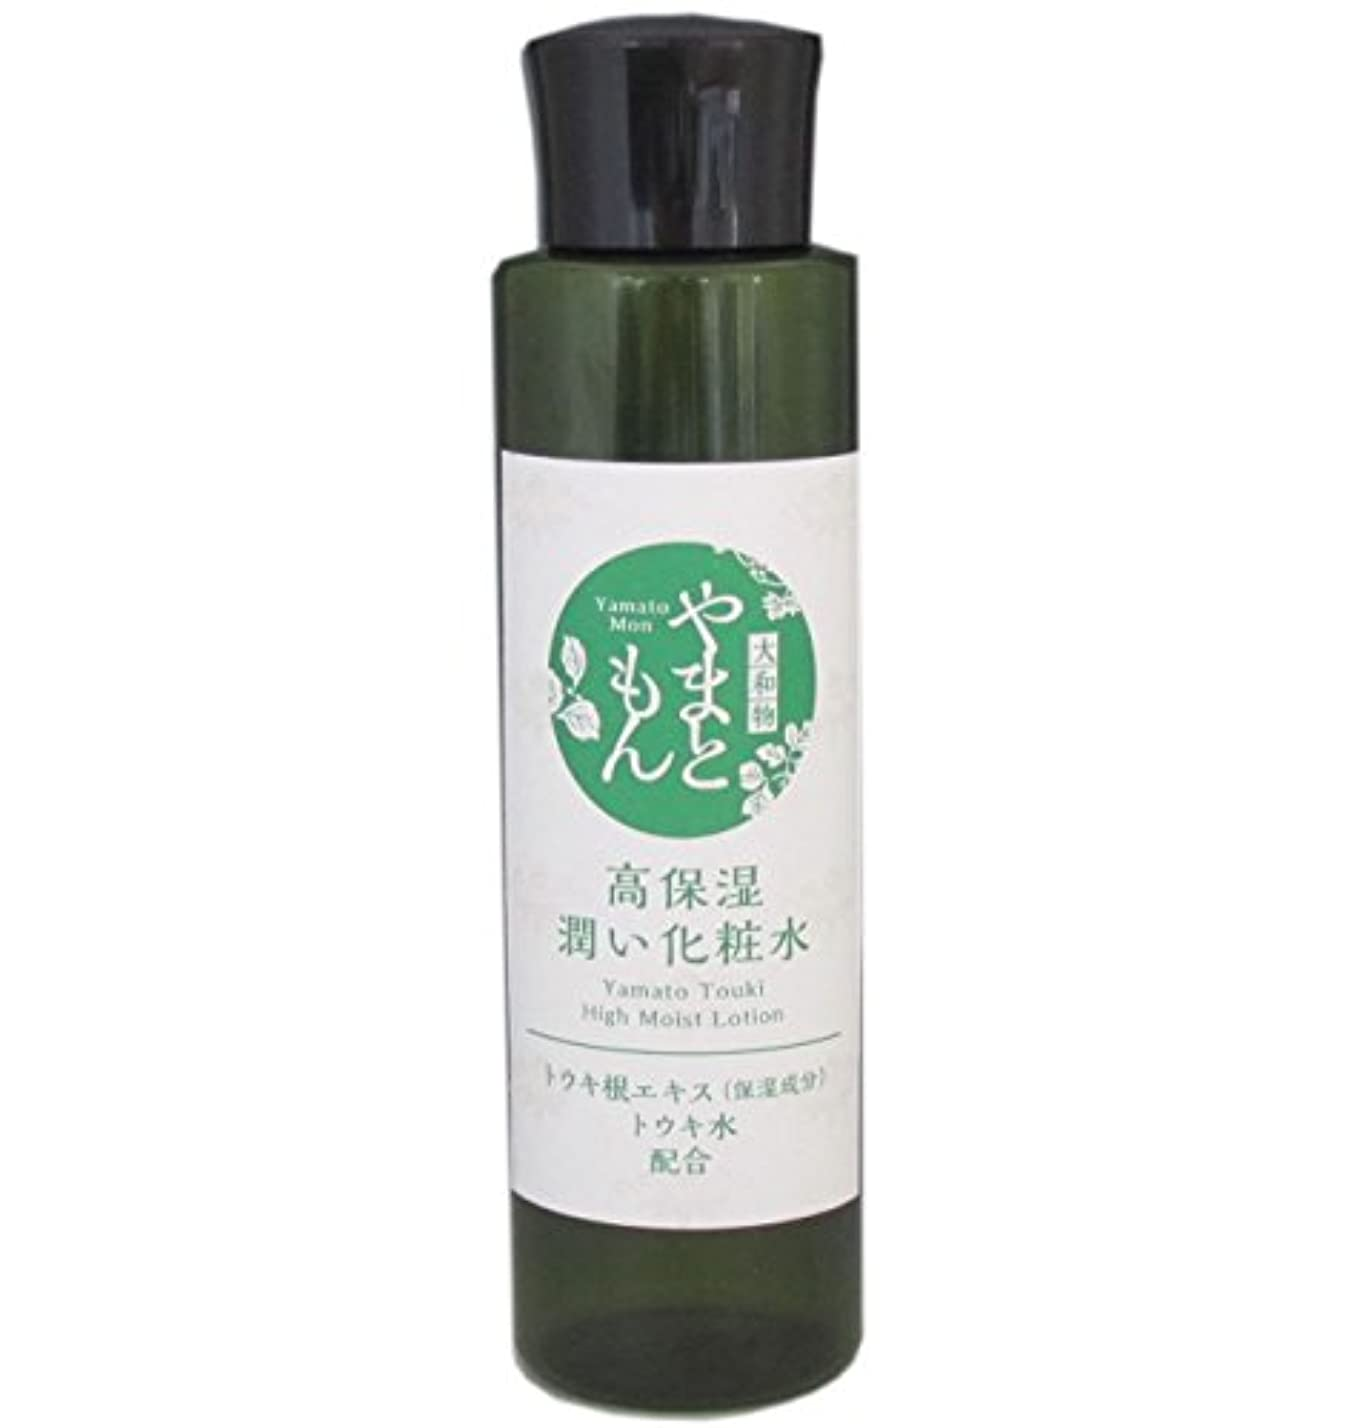 持ってるに慣れ現実奈良産和漢生薬エキス使用やまともん化粧品 当帰化粧水(とうきけしょうすい)